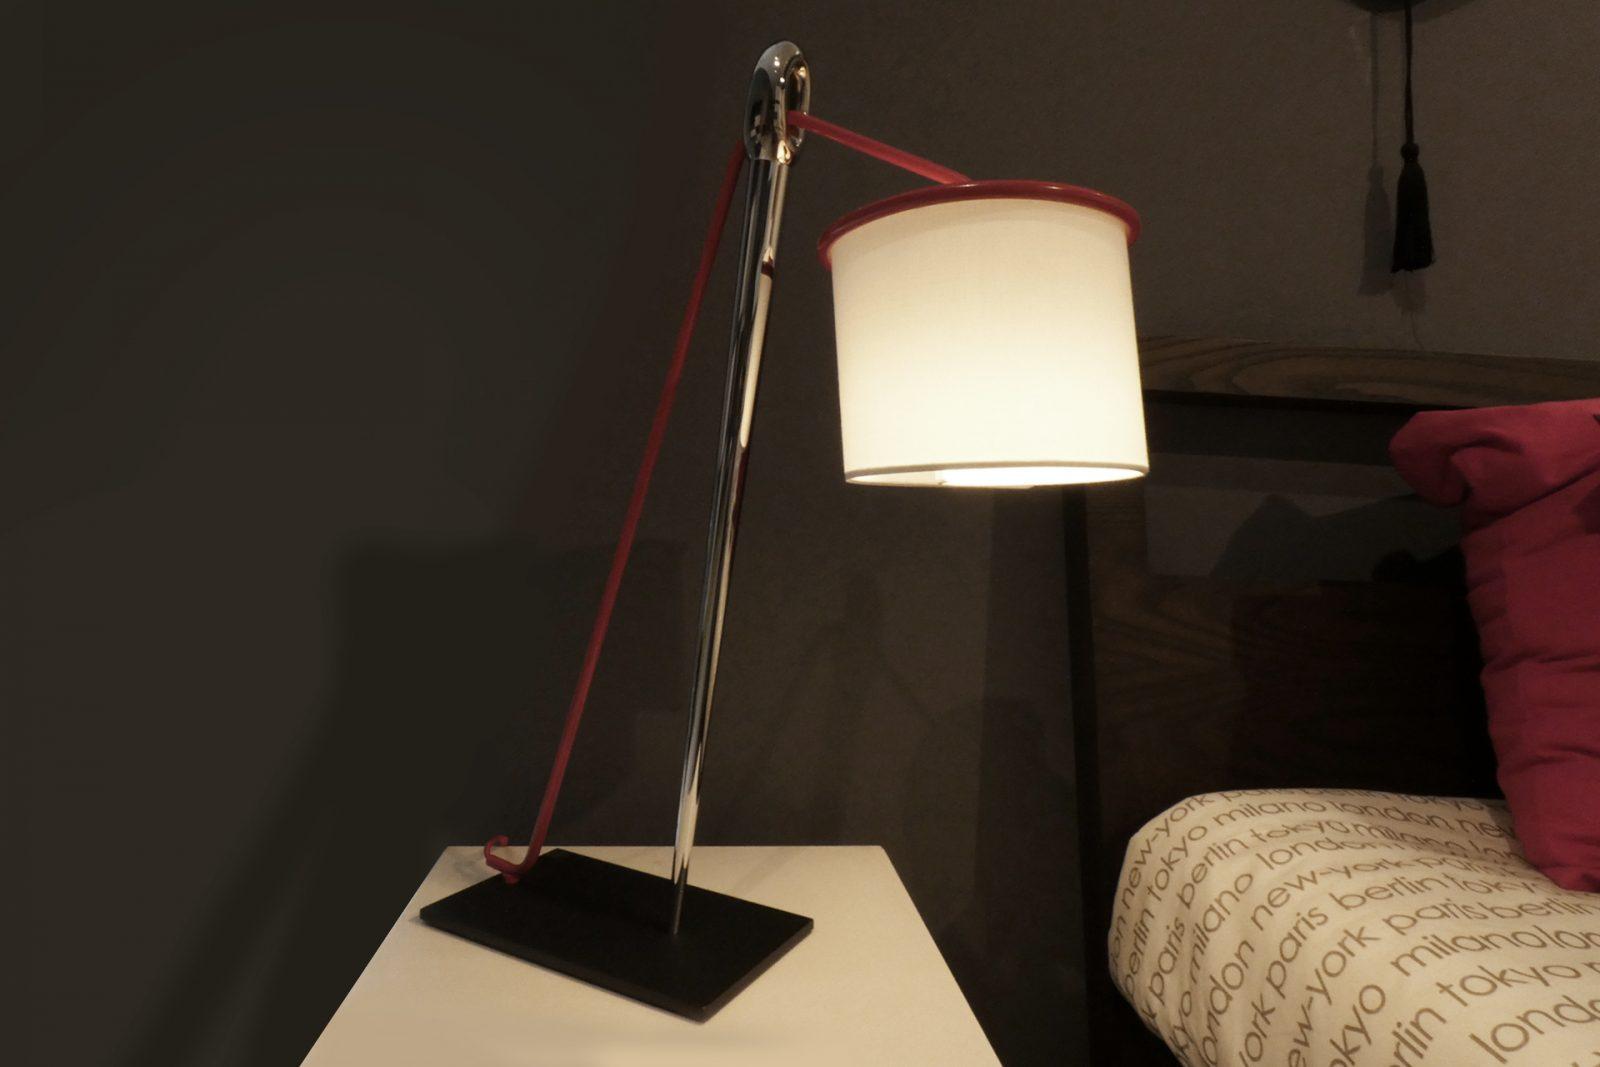 Lampada Da Tavolo Design.Lampada Da Tavolo Design